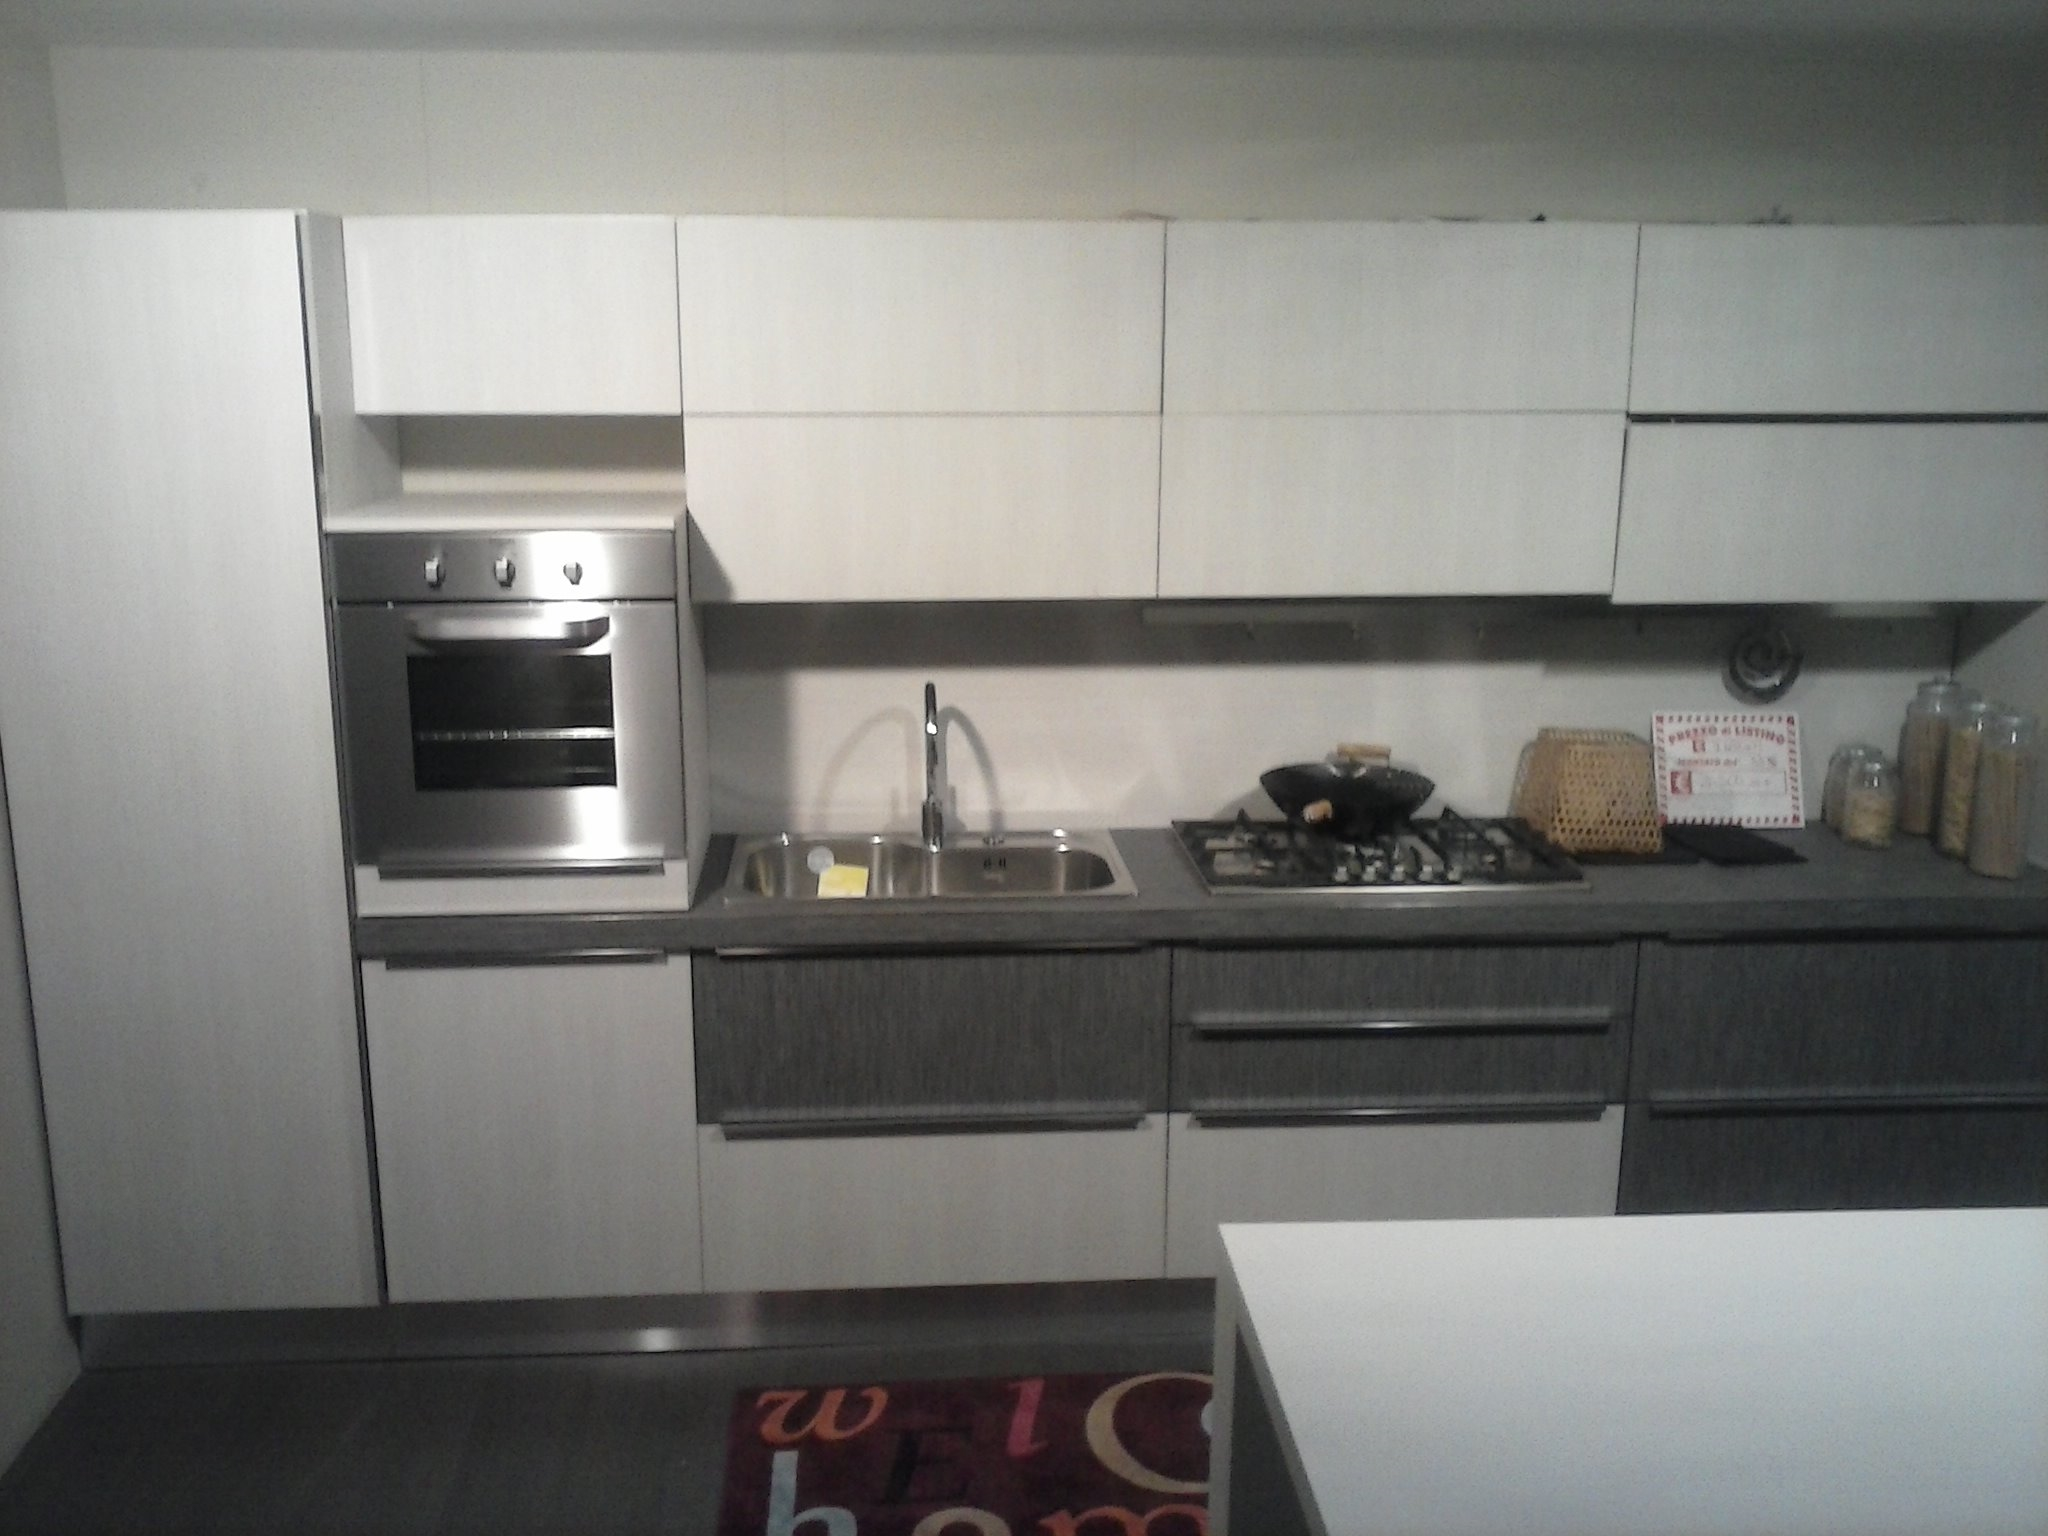 CUCINA ARAN CUCINA PROMOZIONE Cucine A Prezzi Scontati #5B4B44 2048 1536 Aran O Veneta Cucine